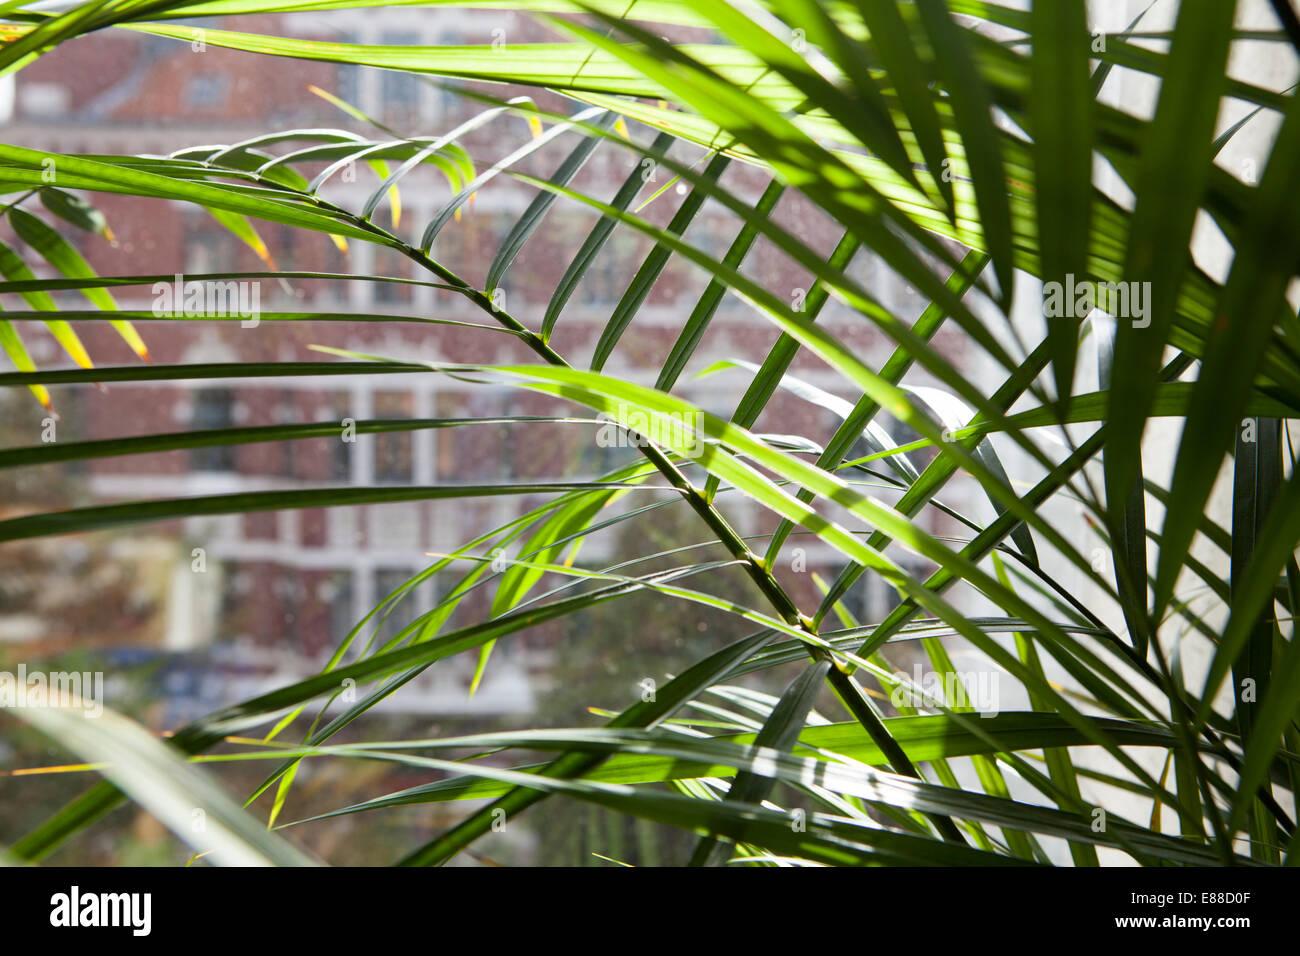 Vue à travers une fenêtre sale, volet marché Lindener, Hanovre, Basse-Saxe, Allemagne, Europe Banque D'Images